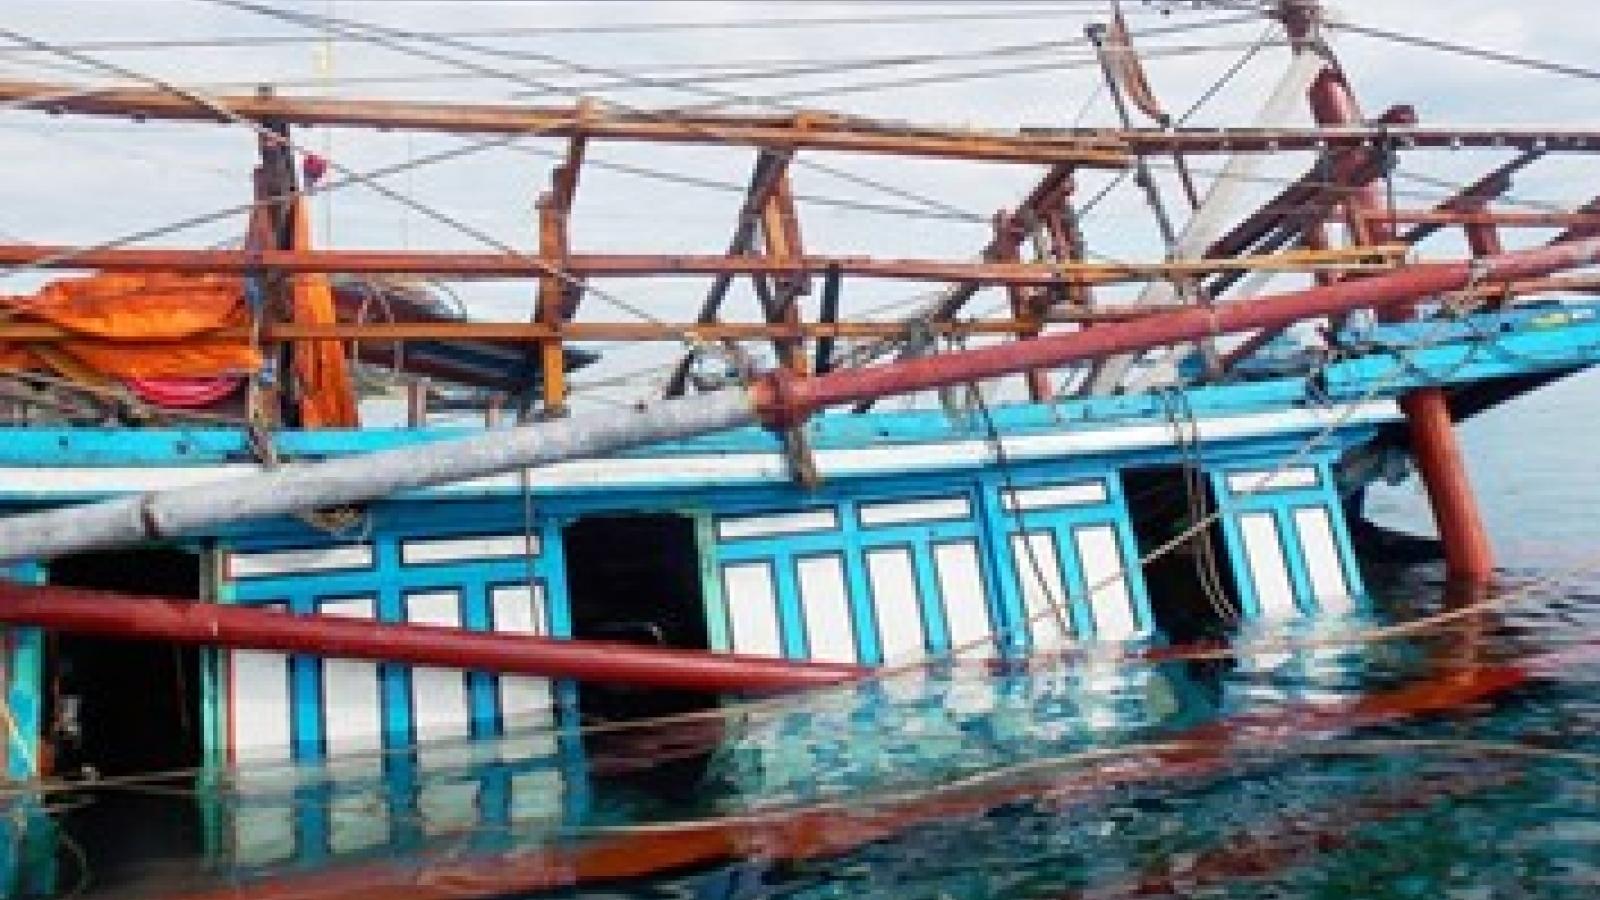 Huy động phương tiện đưa 47 ngư dânQuảng Namtrên tàu câu mựcbị chìm vào bờ